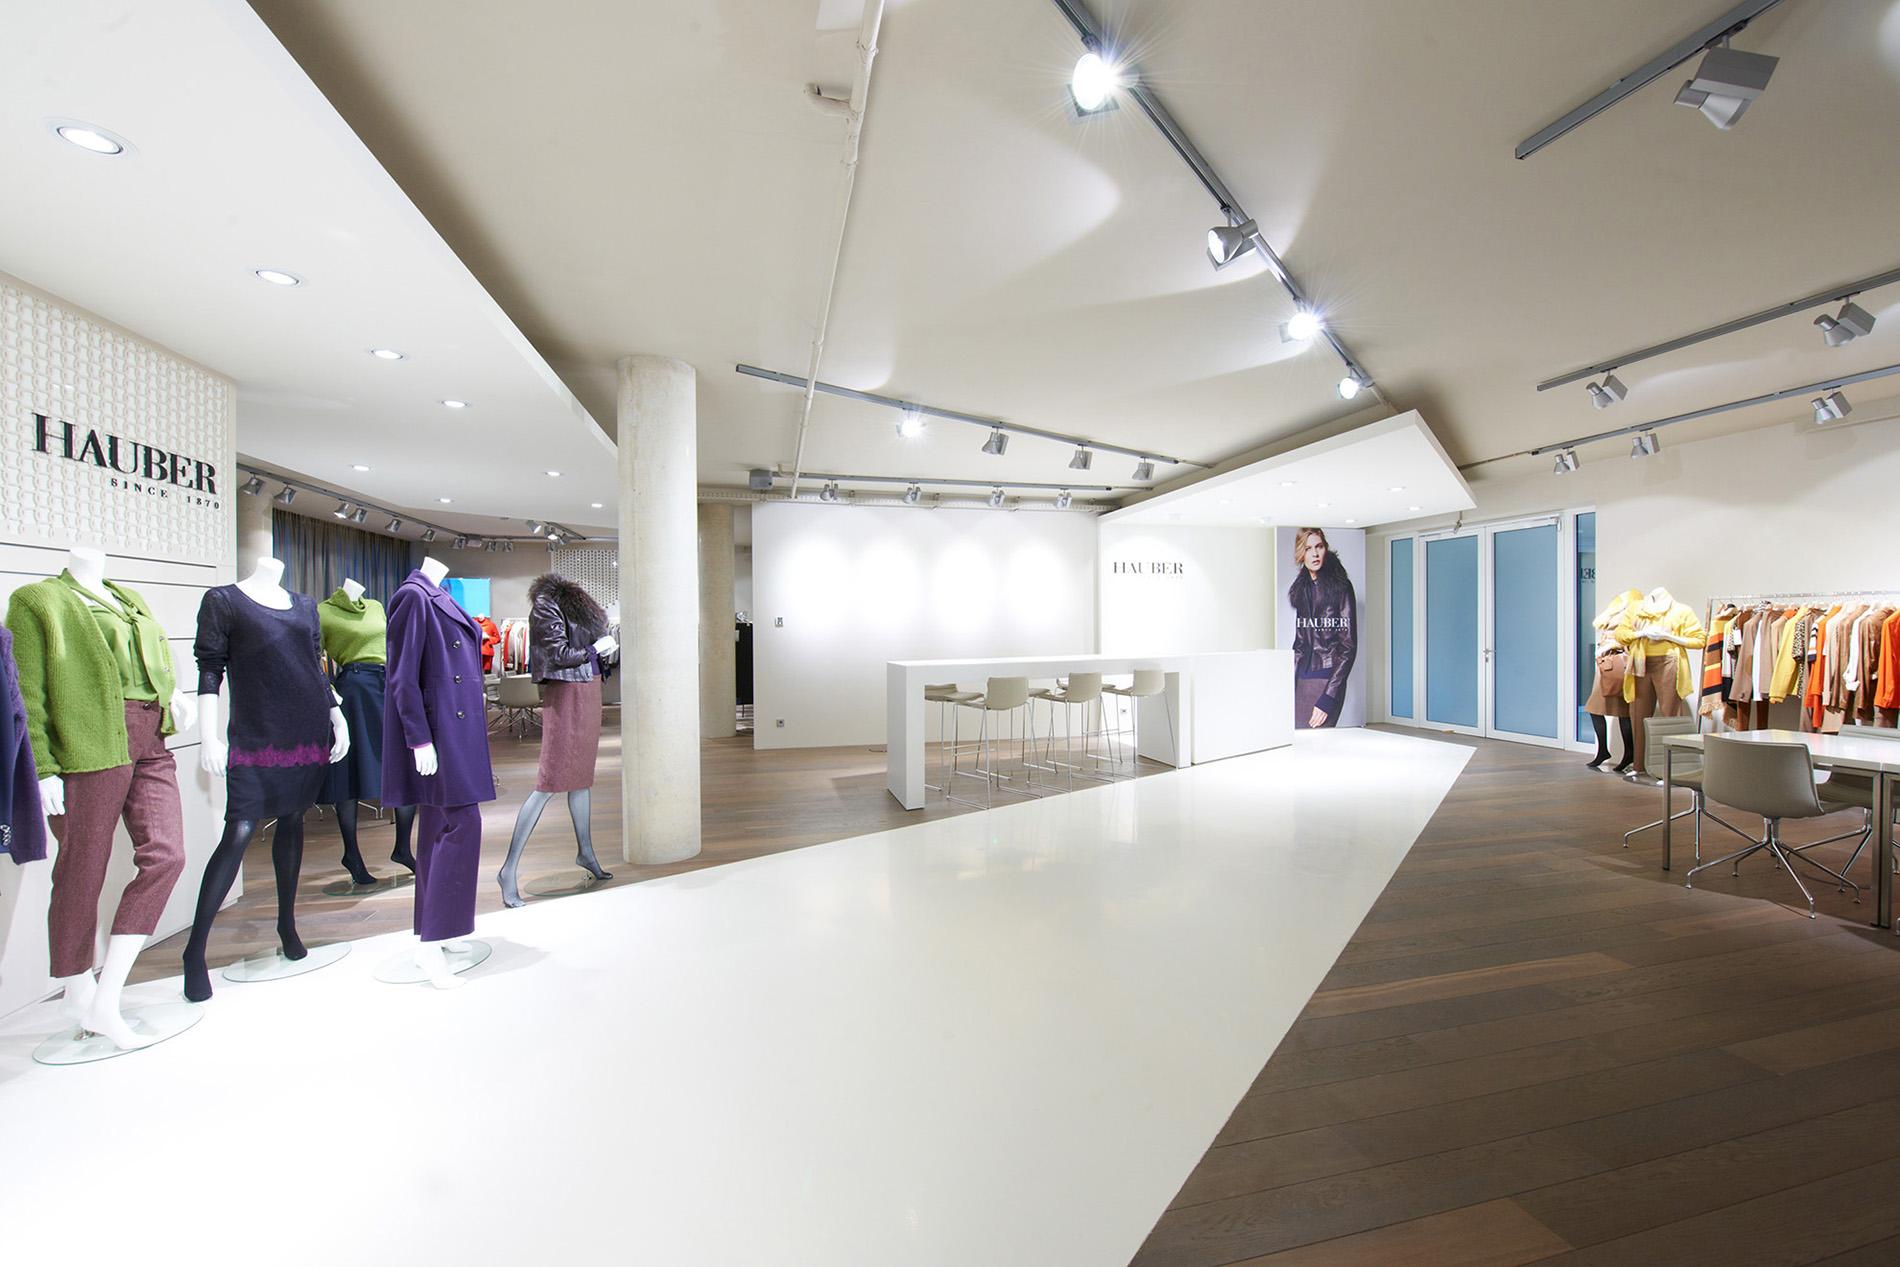 Fotodesign-matthias-schütz-hauber-showroom-5